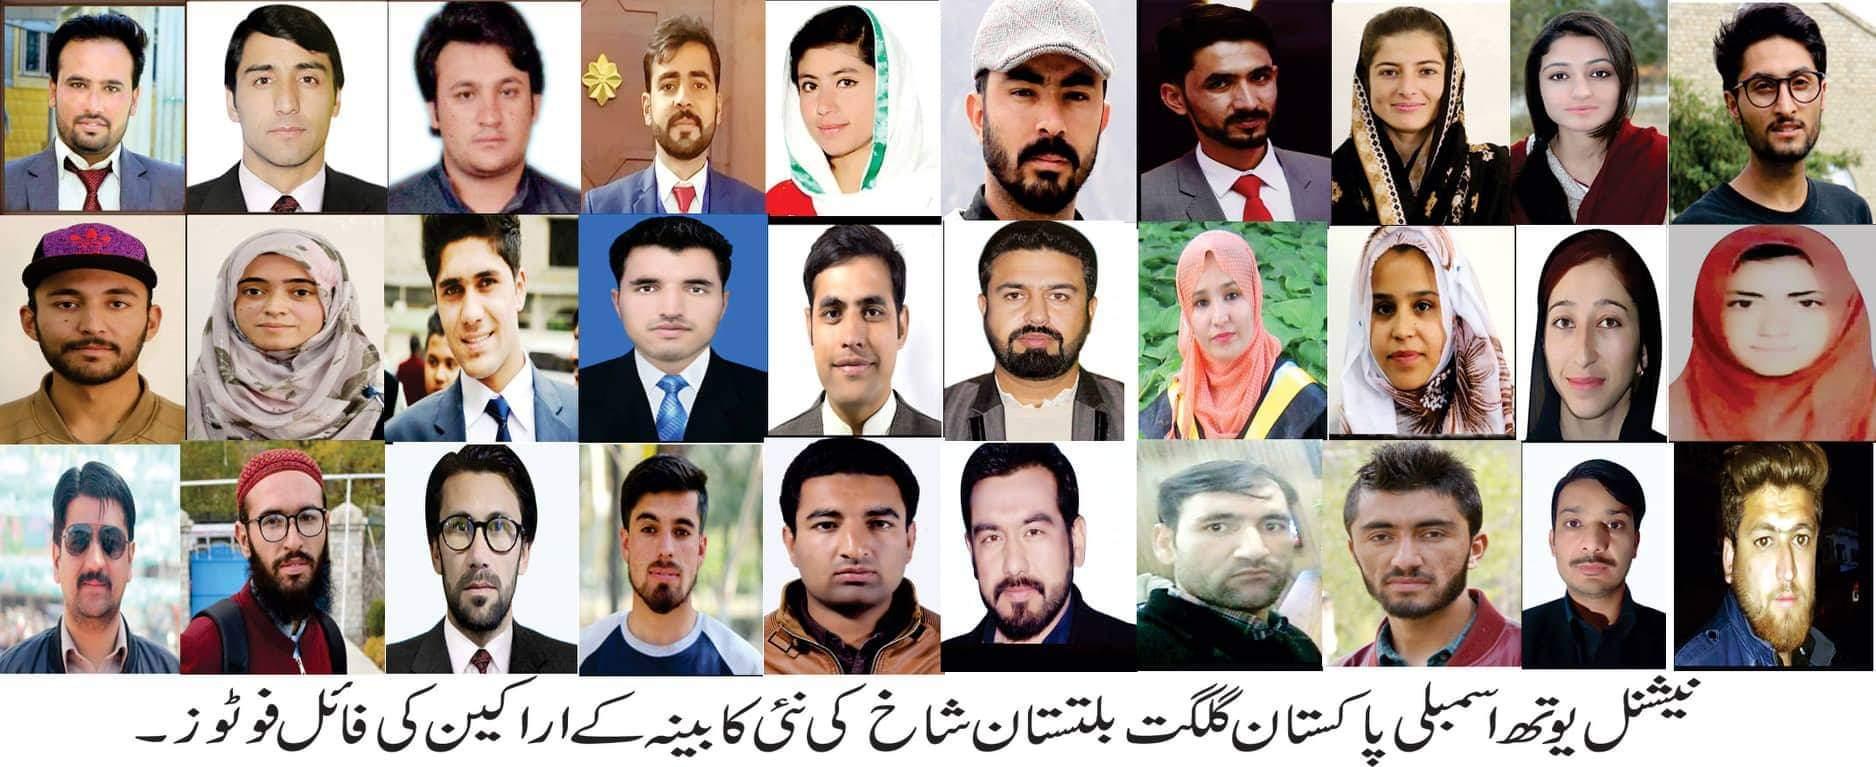 نیشنل یوتھ اسمبلی جی بی کی نئی کابینہ کا اعلان